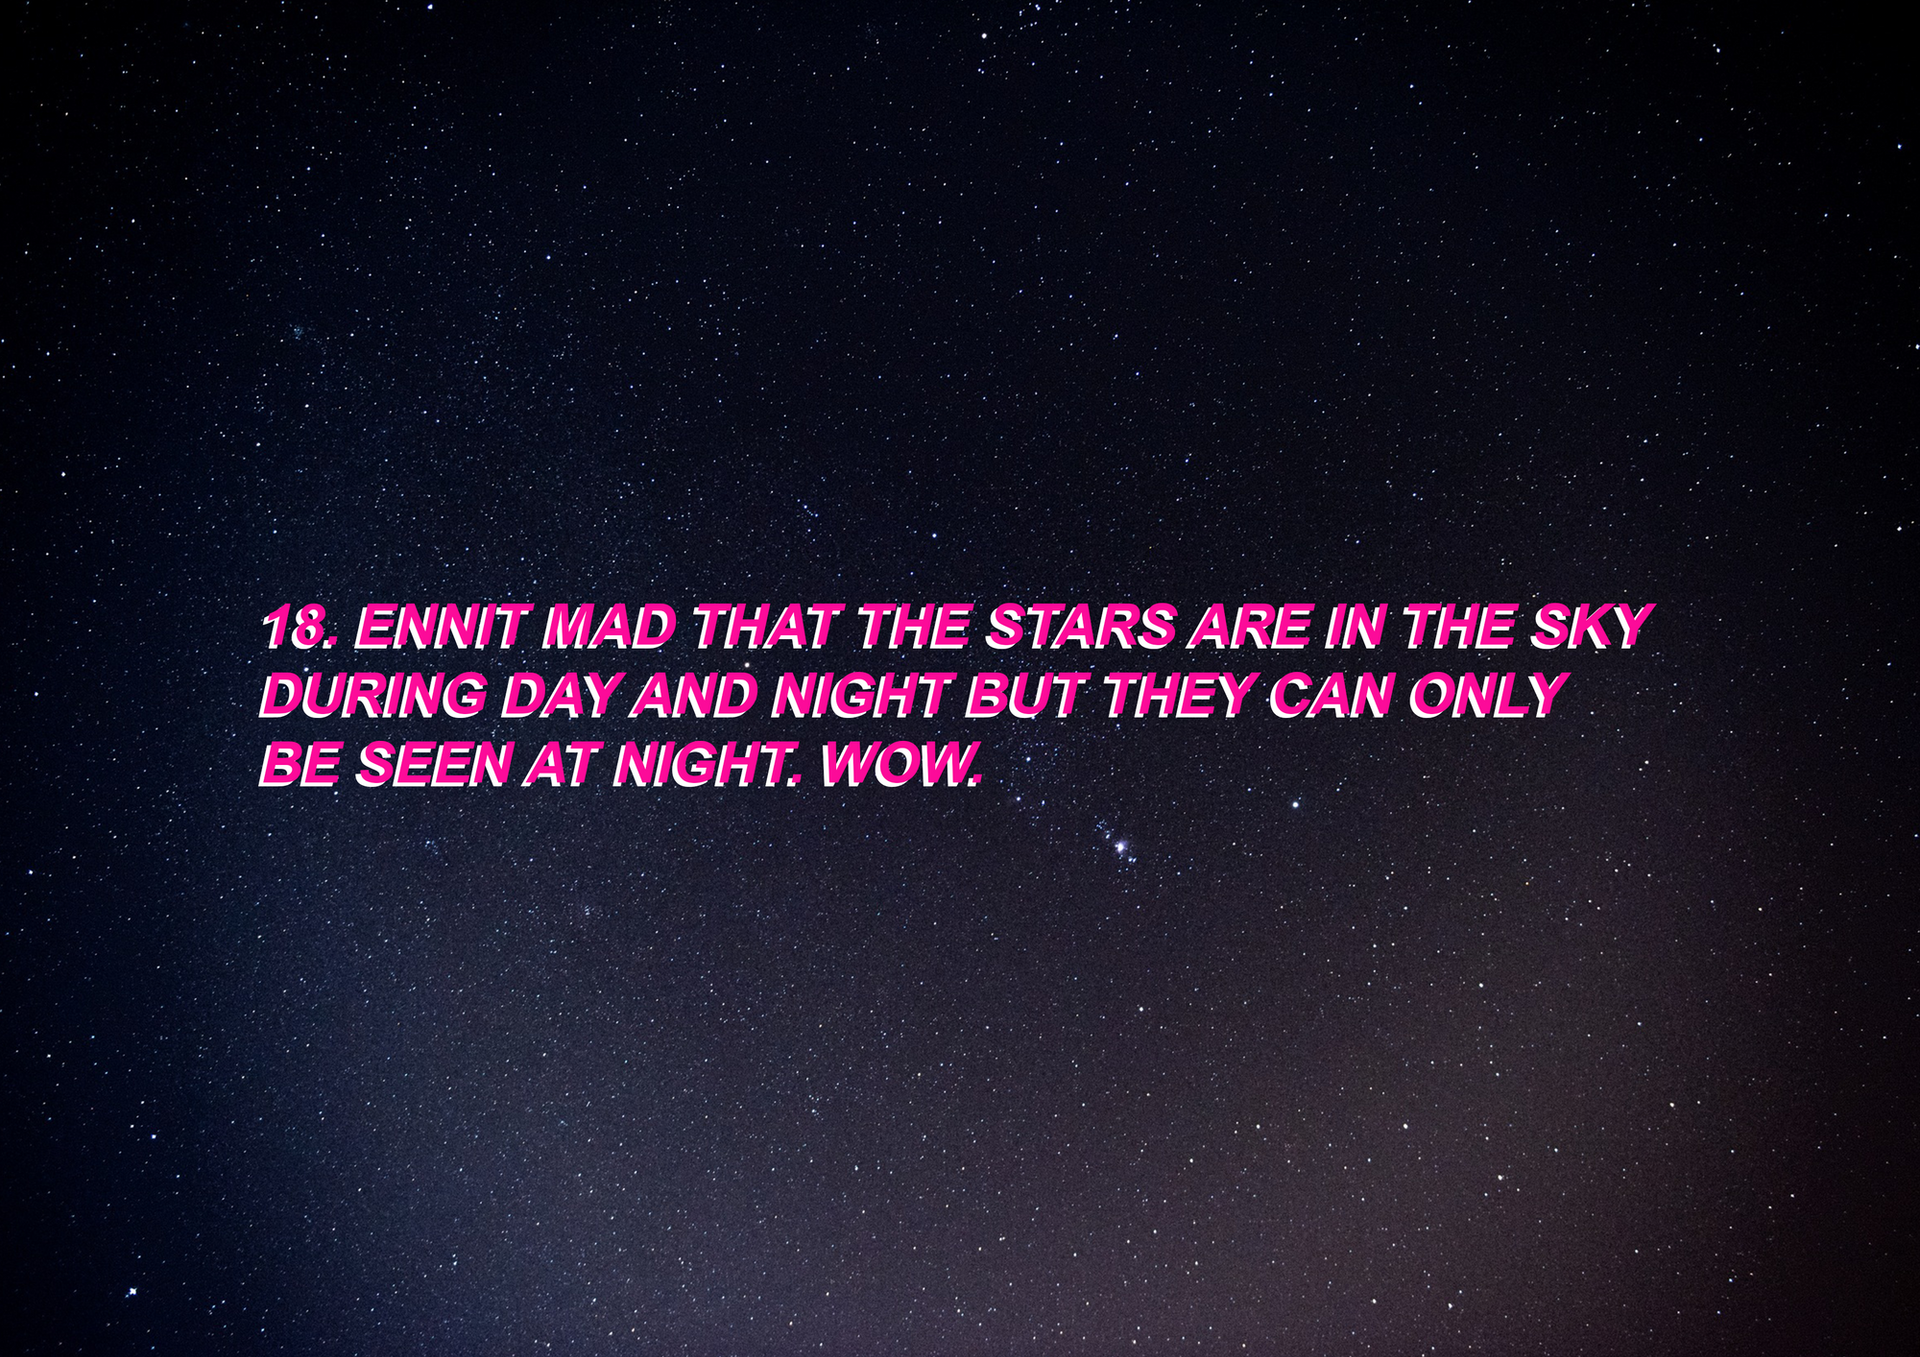 DON'T BELIEVE IN STARS